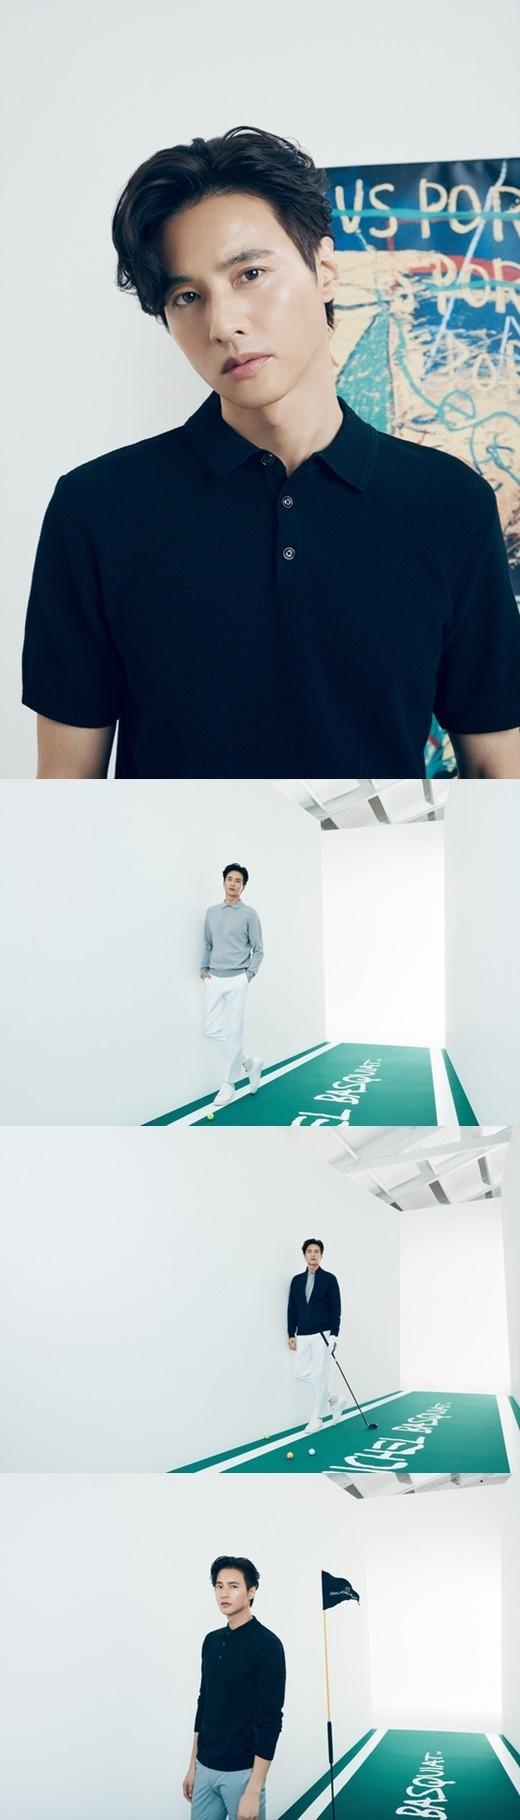 元斌公开身穿高尔夫服的写真 沉醉于一成不变的视觉效果